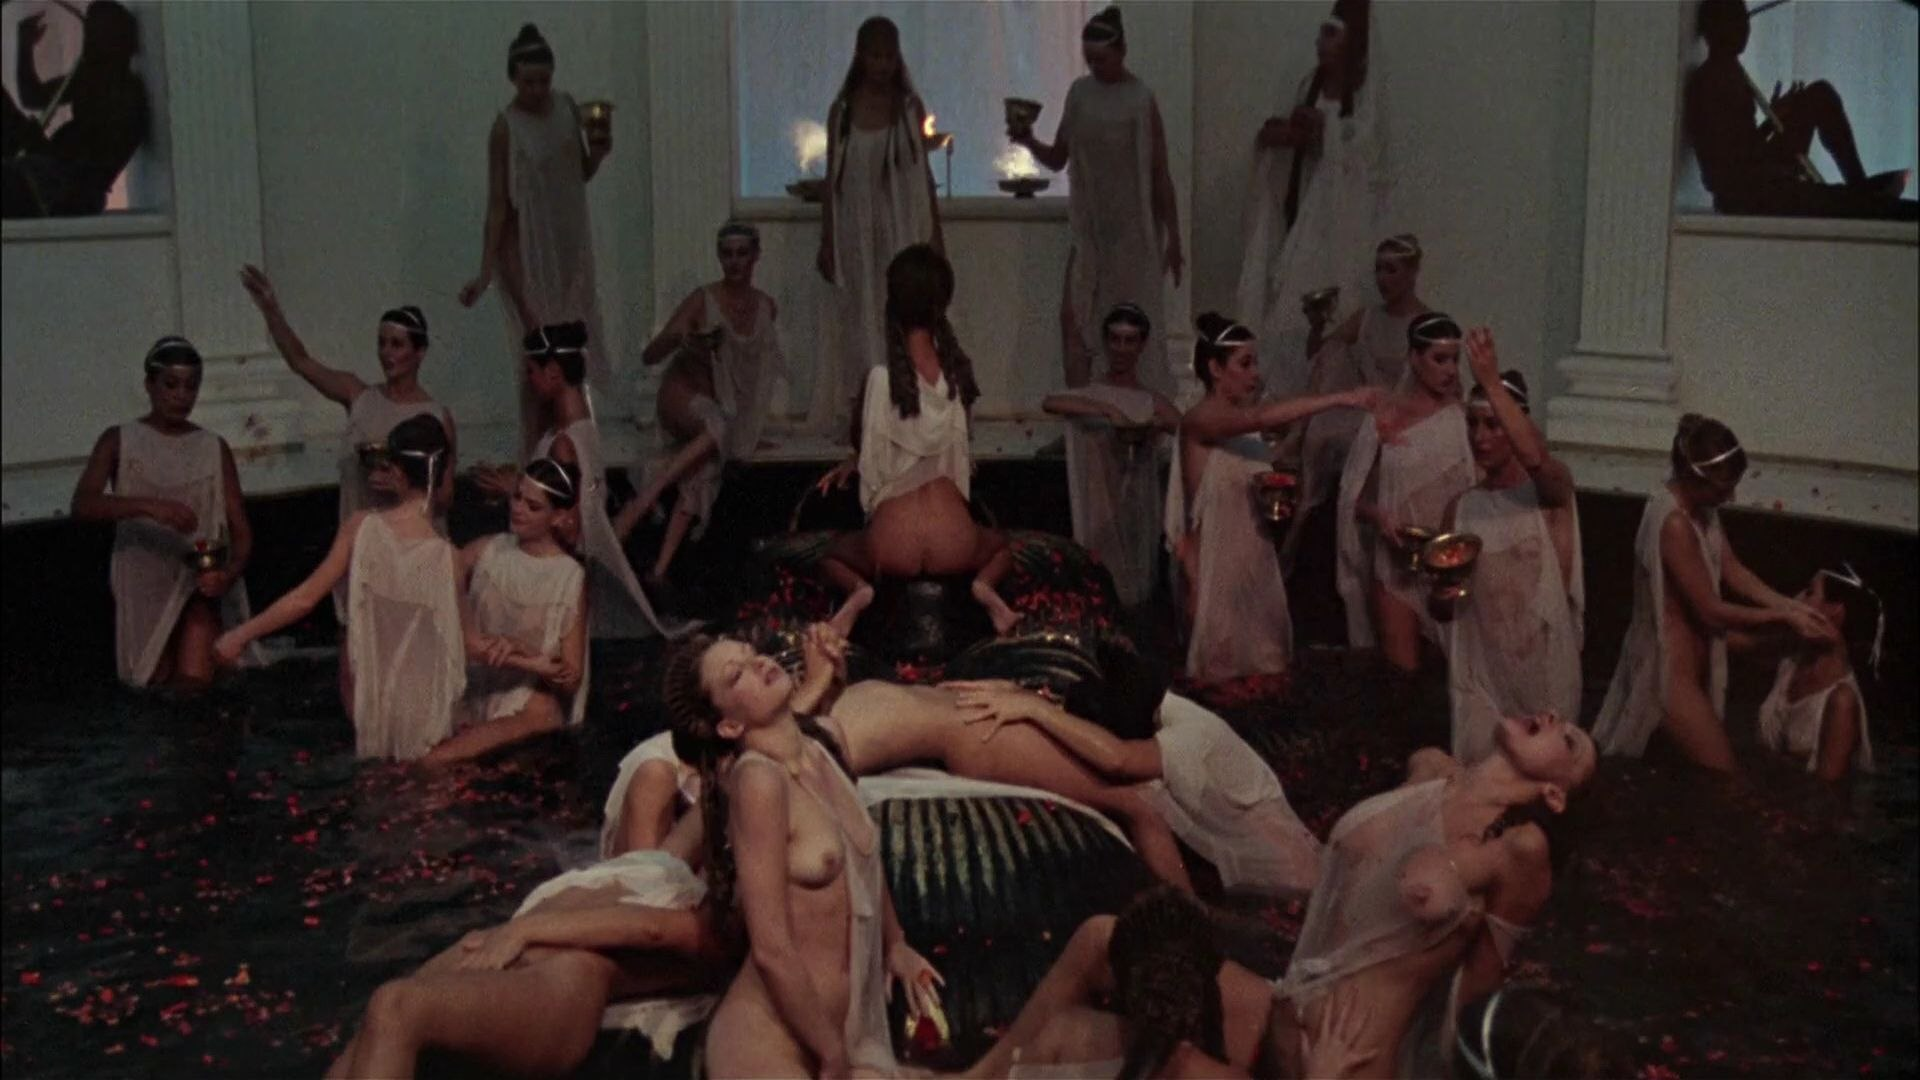 Смотреть онлайн порно с сюжетом древний рим 4 фотография